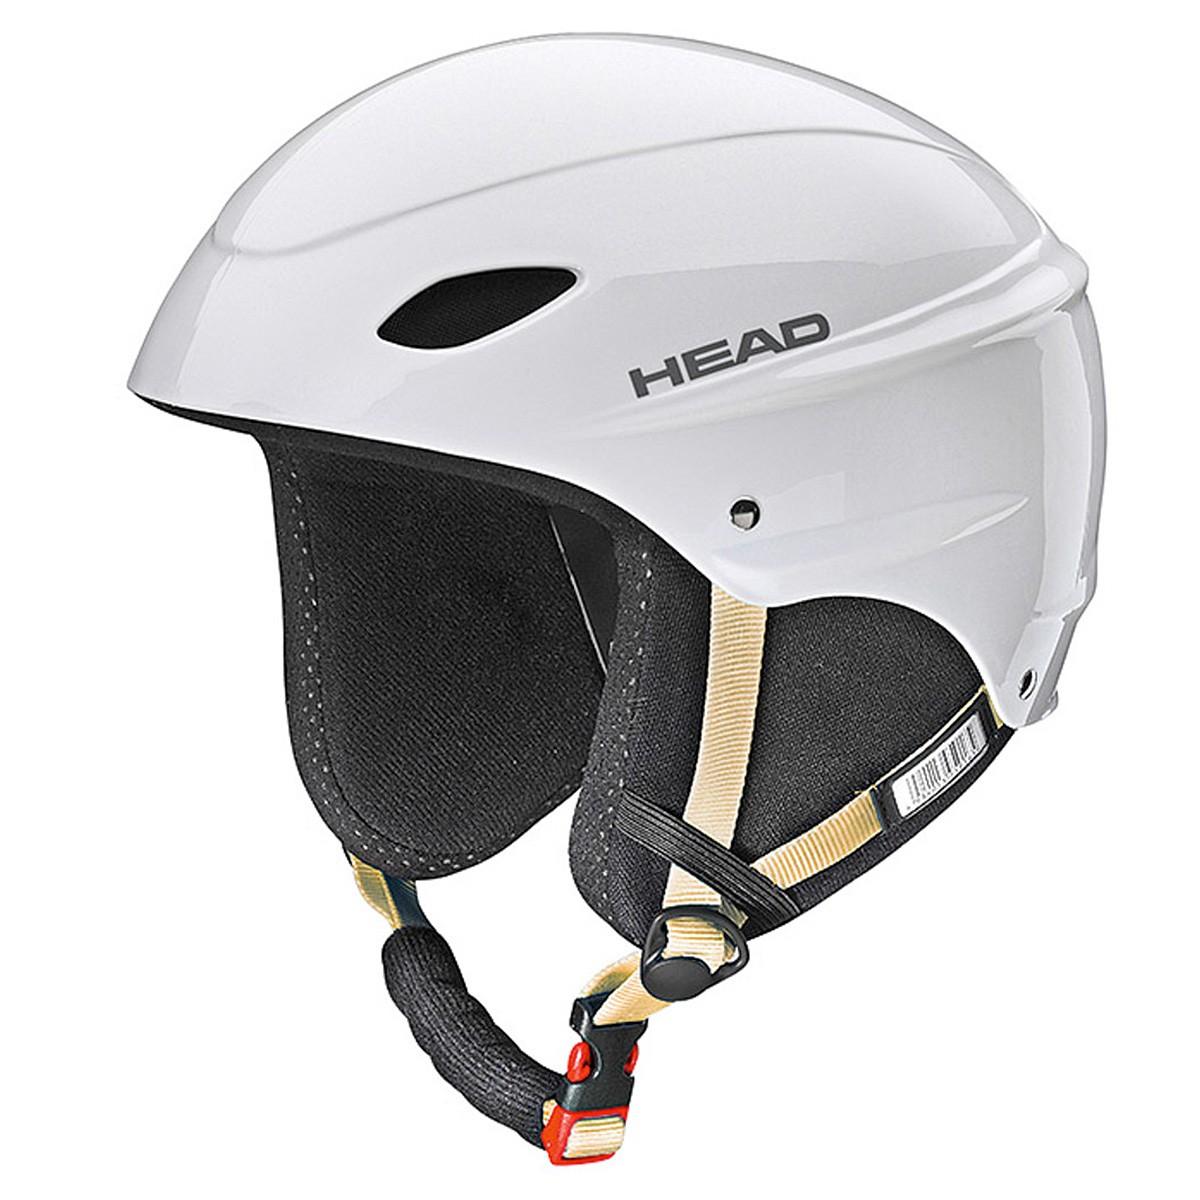 Casco sci Head Rental bianco (Colore: bianco, Taglia: 52/55)